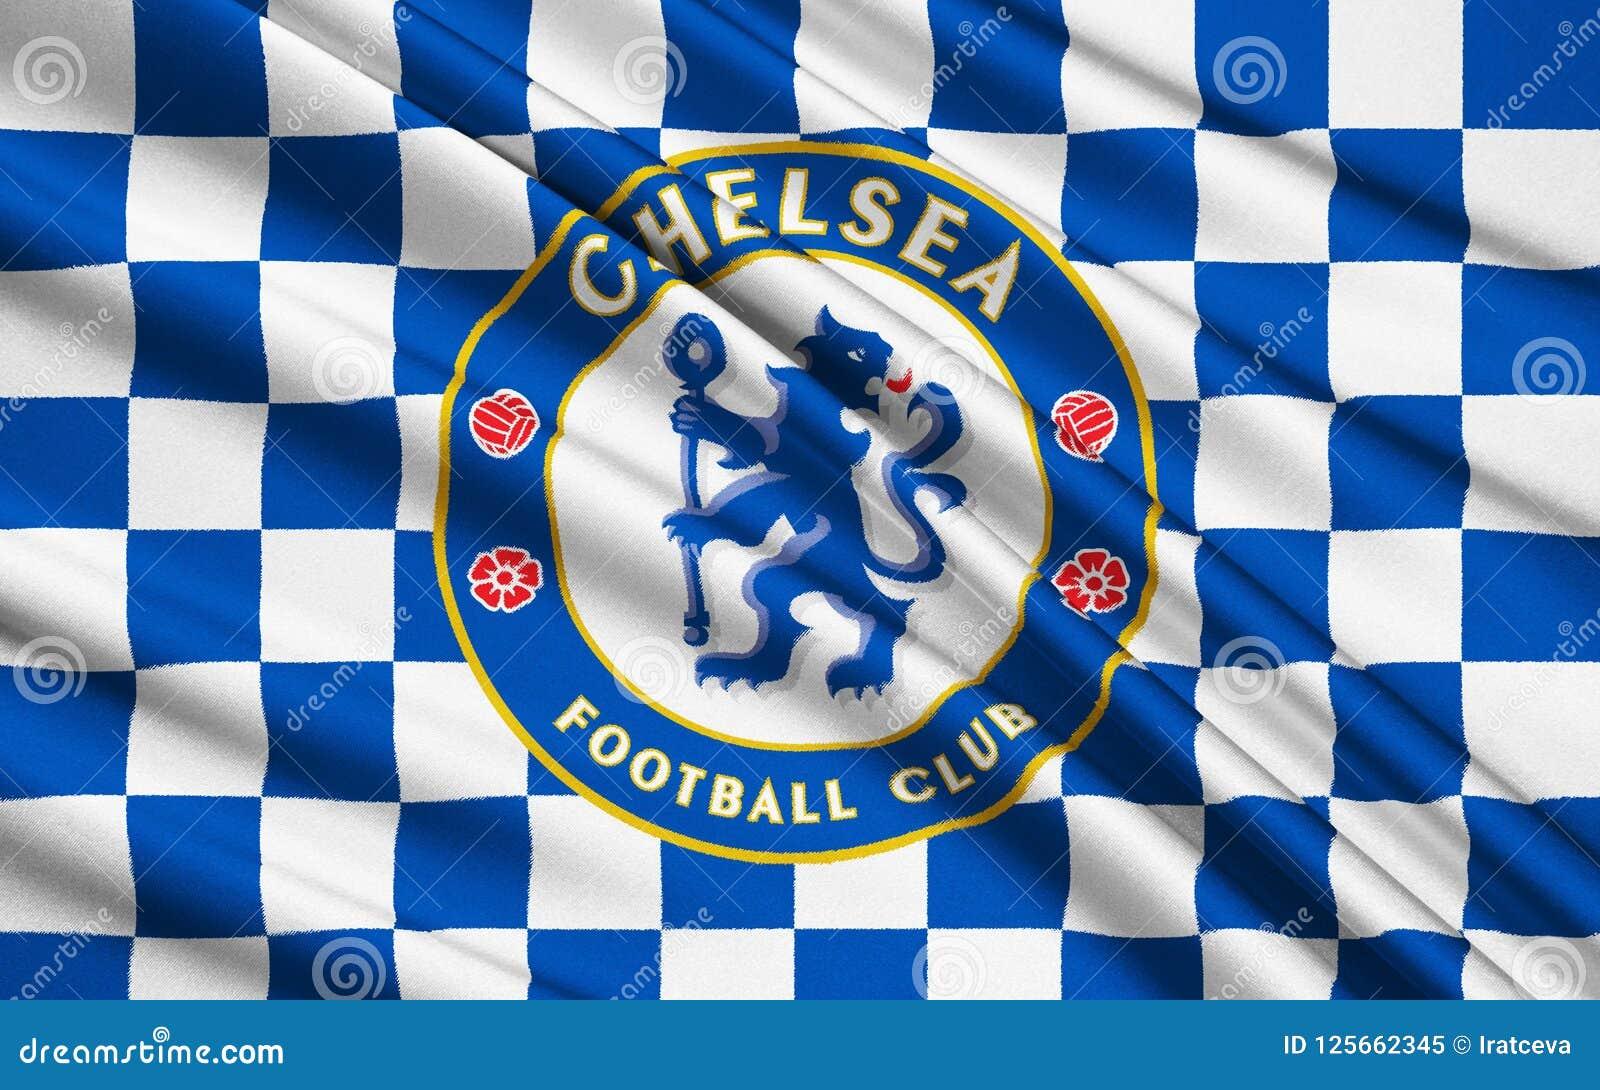 67634229e1239 Clube Chelsea Do Futebol De Bandeira Imagem Editorial - Ilustração ...